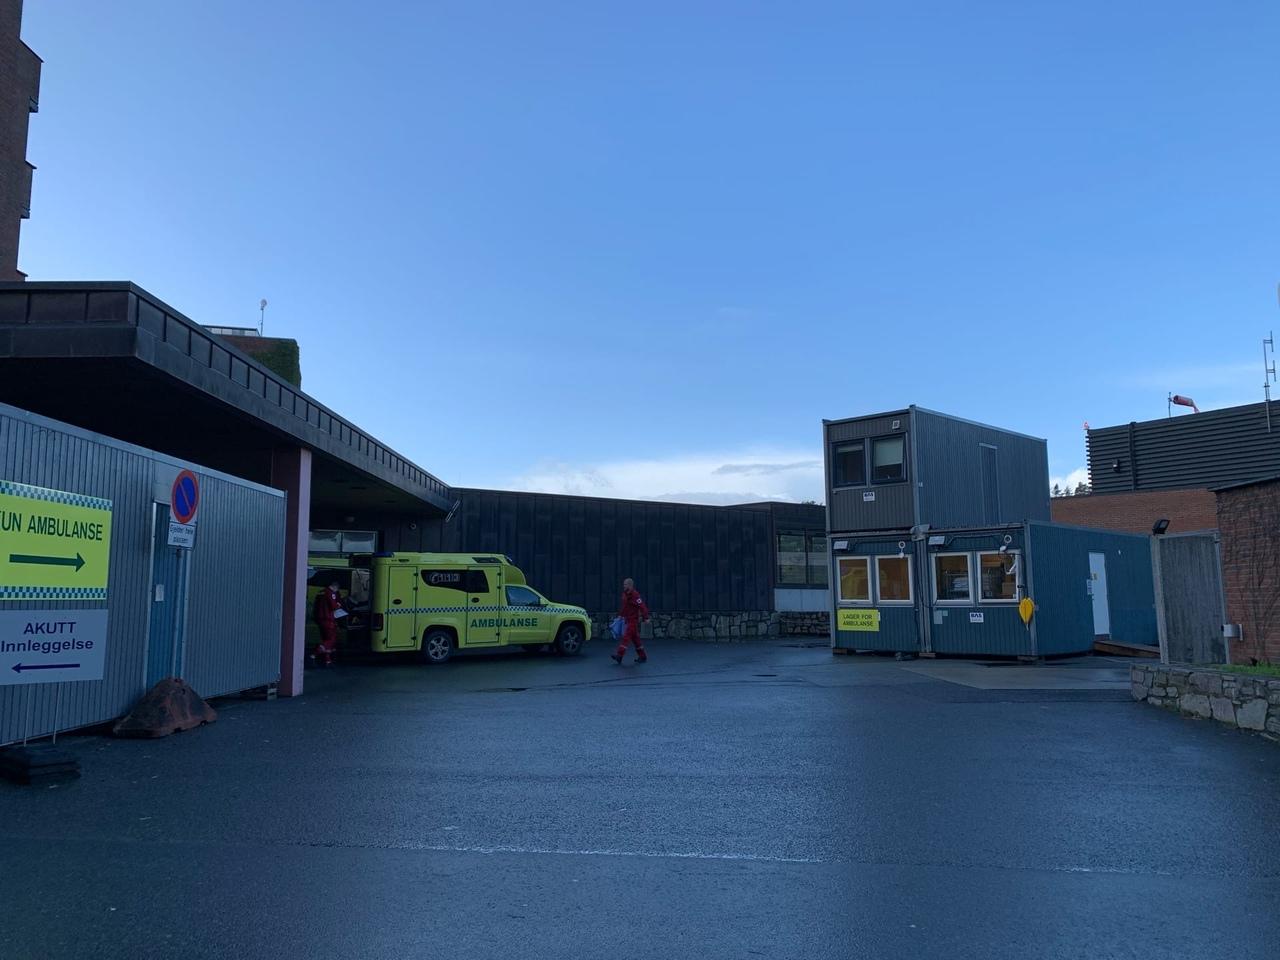 Эта фотография тоже сделана рядом с больницей. Аmbulance — это скорая помощь